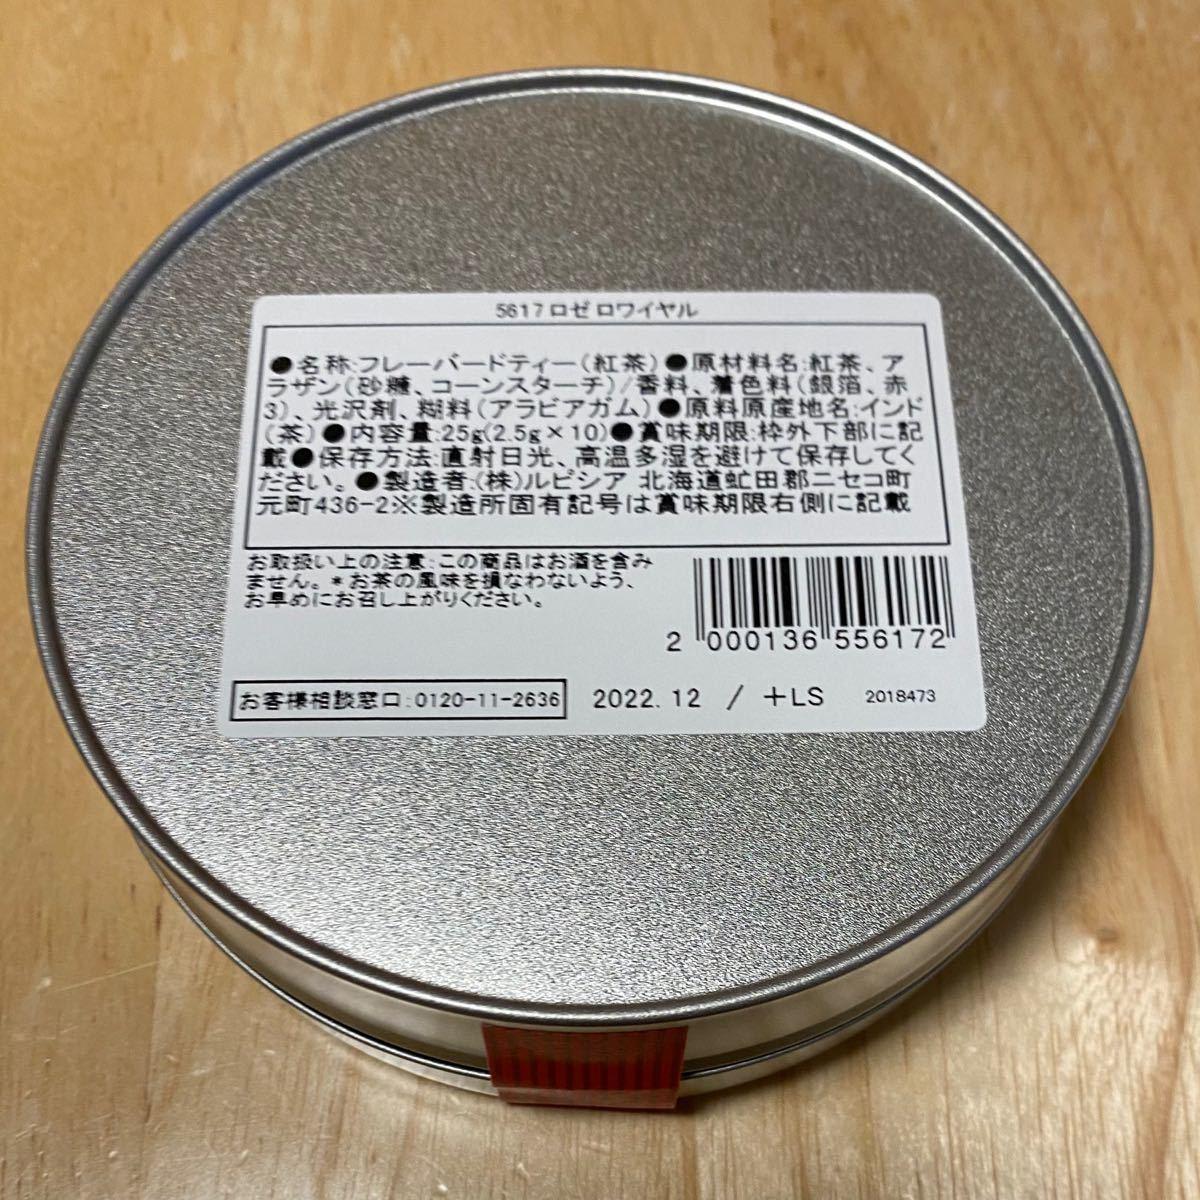 ルピシア 紅茶 ベルエポック ロゼロワイヤル セット LUPICIA